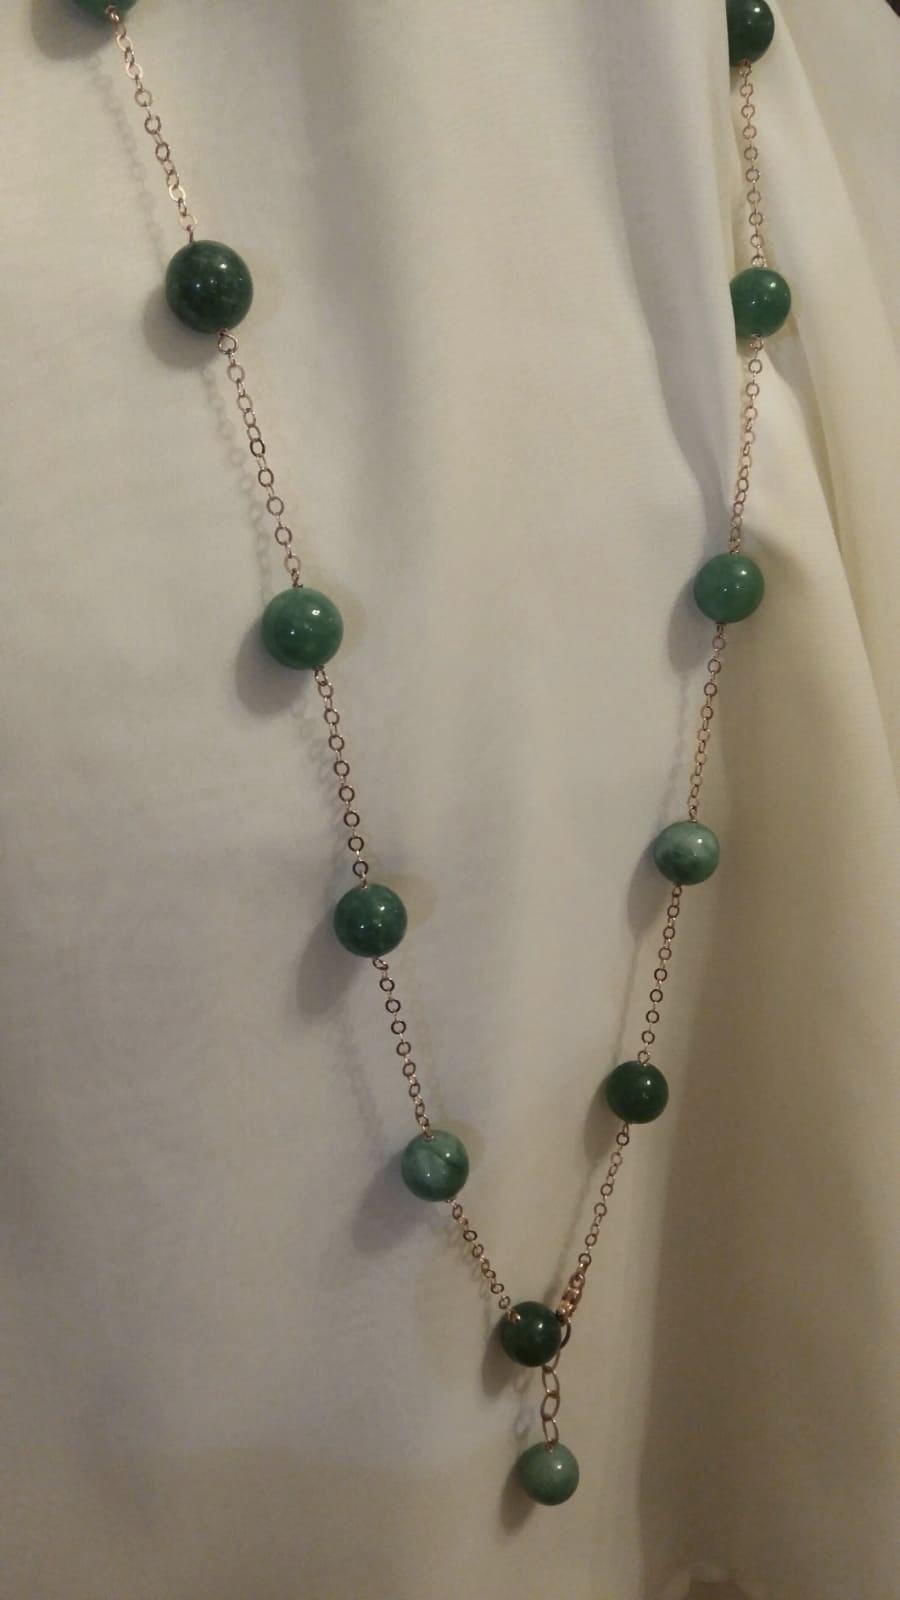 collana lunga con giade verdi